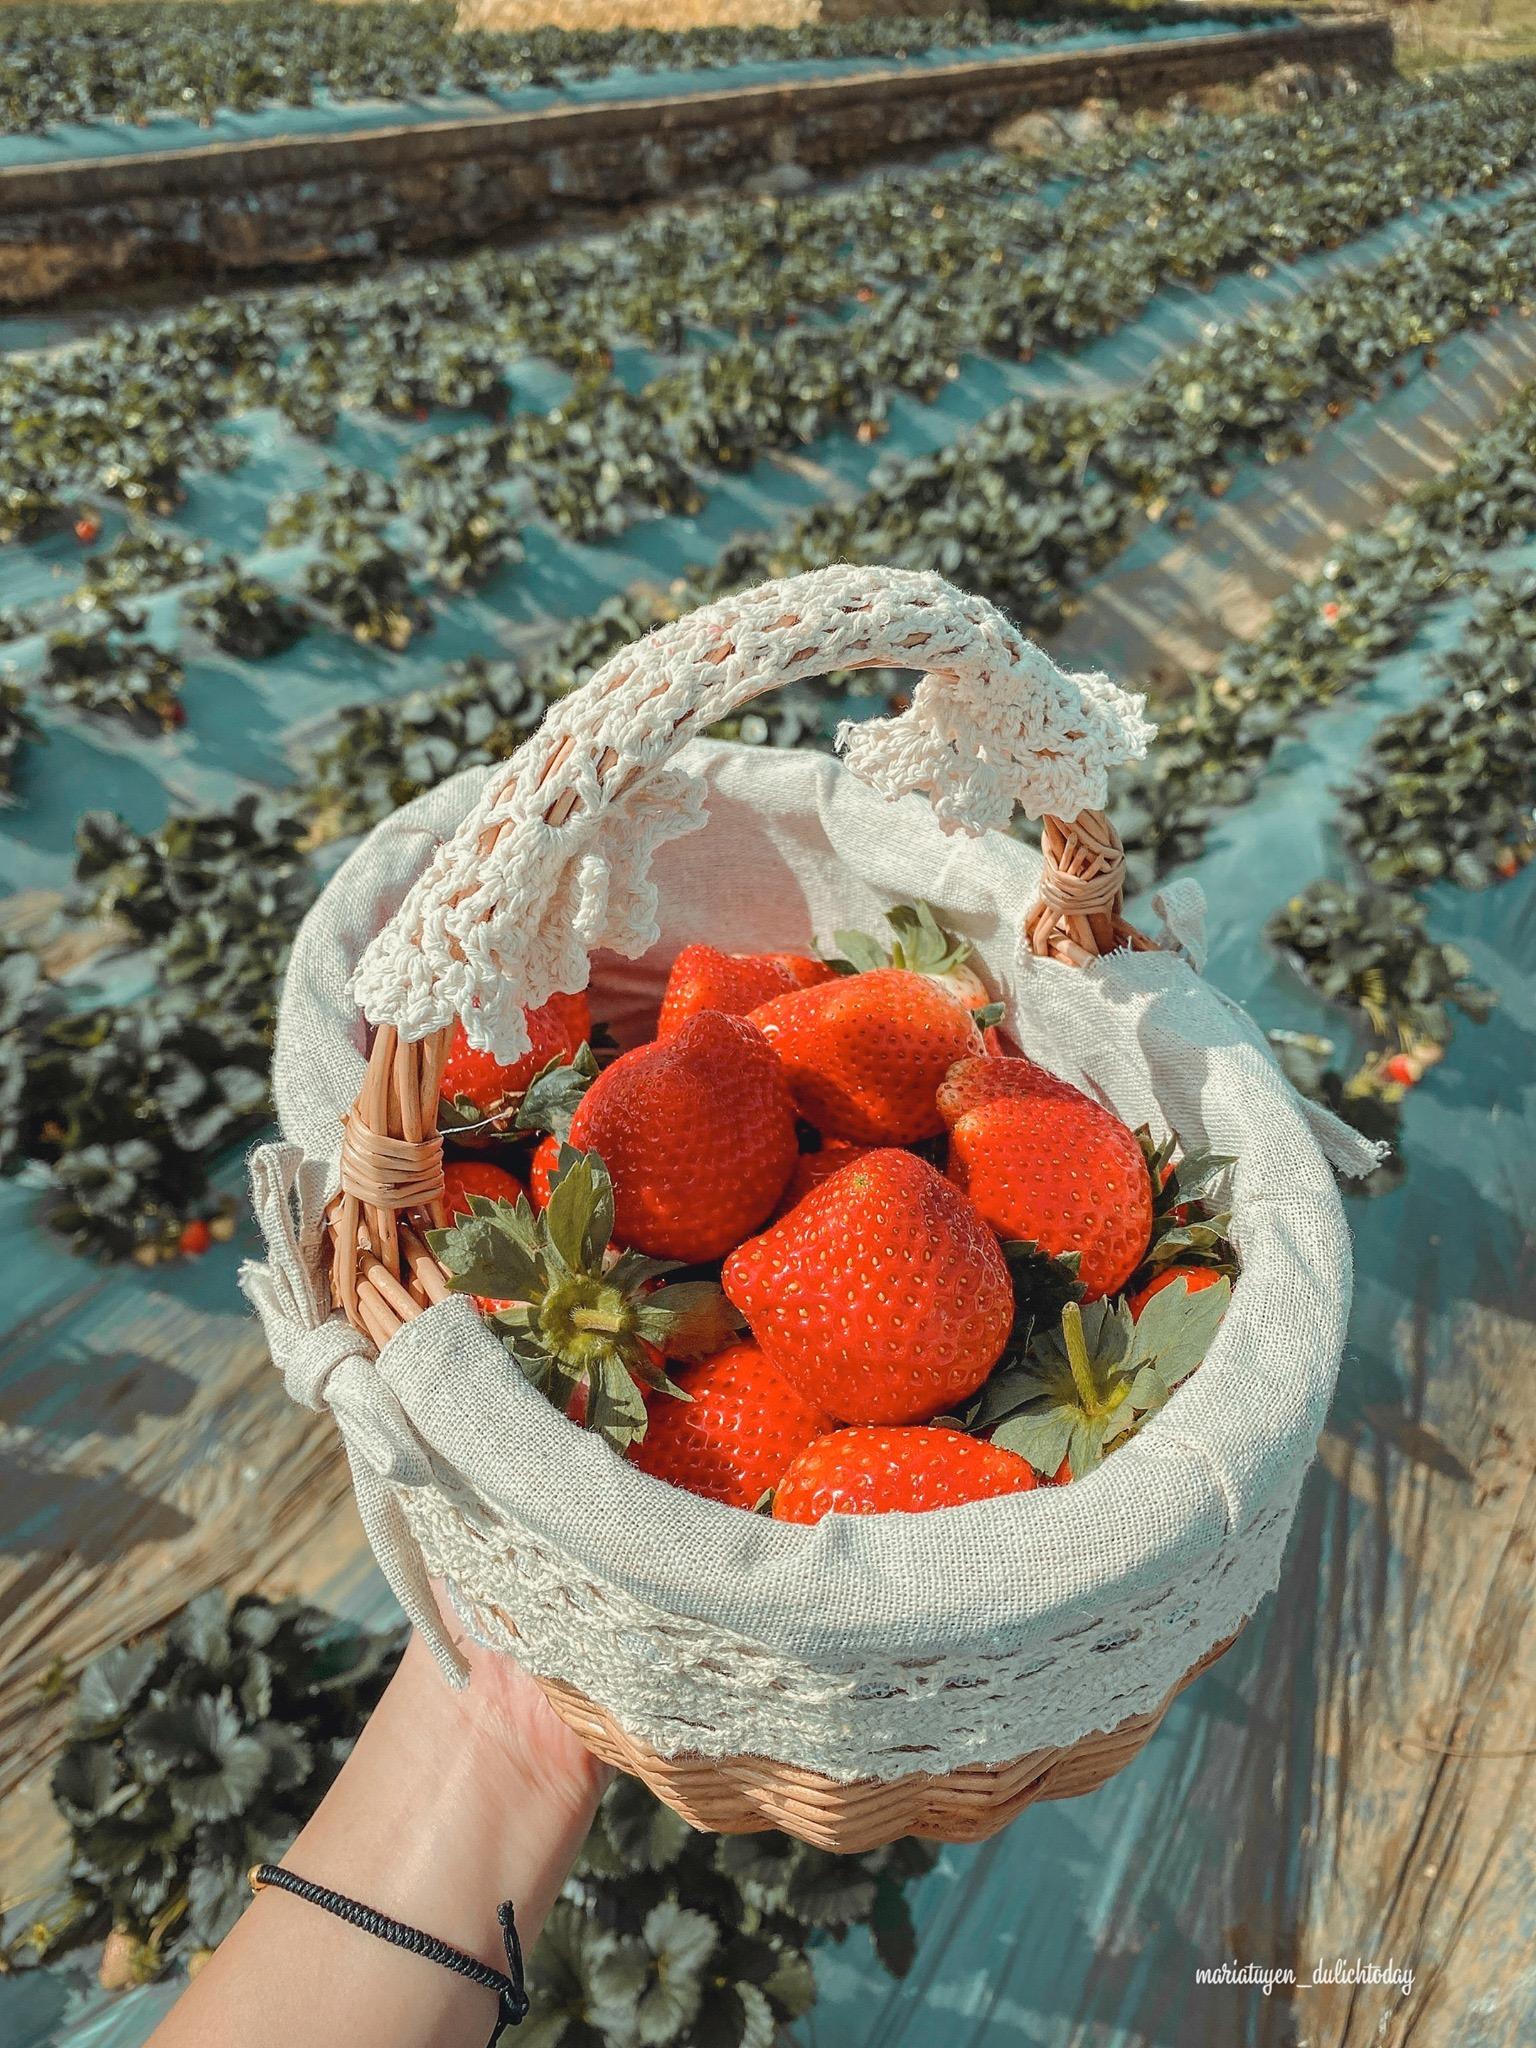 Dâu tây Chimi Farm rất to và ngọt